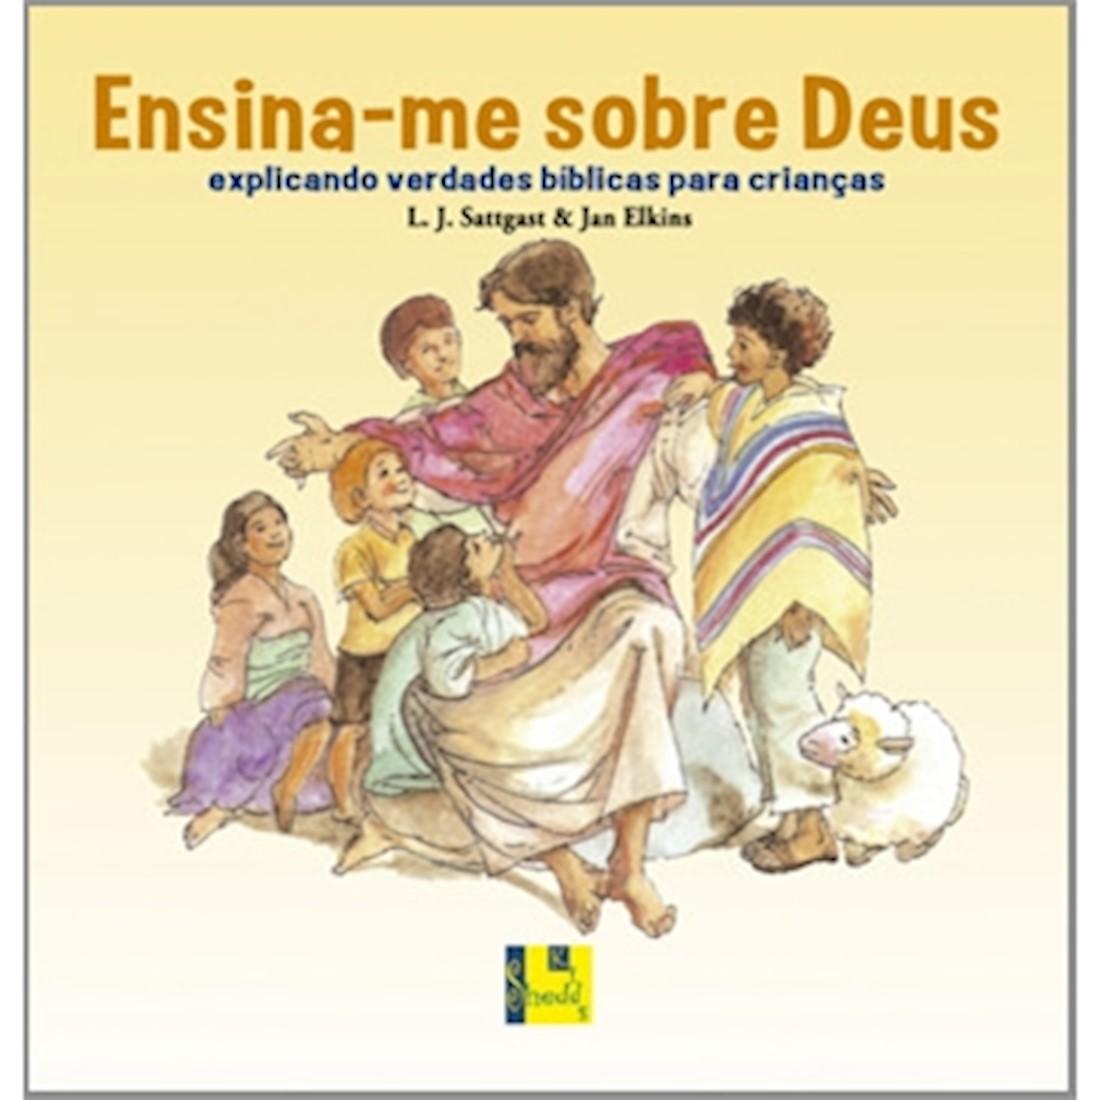 Livro Ensina-me sobre Deus